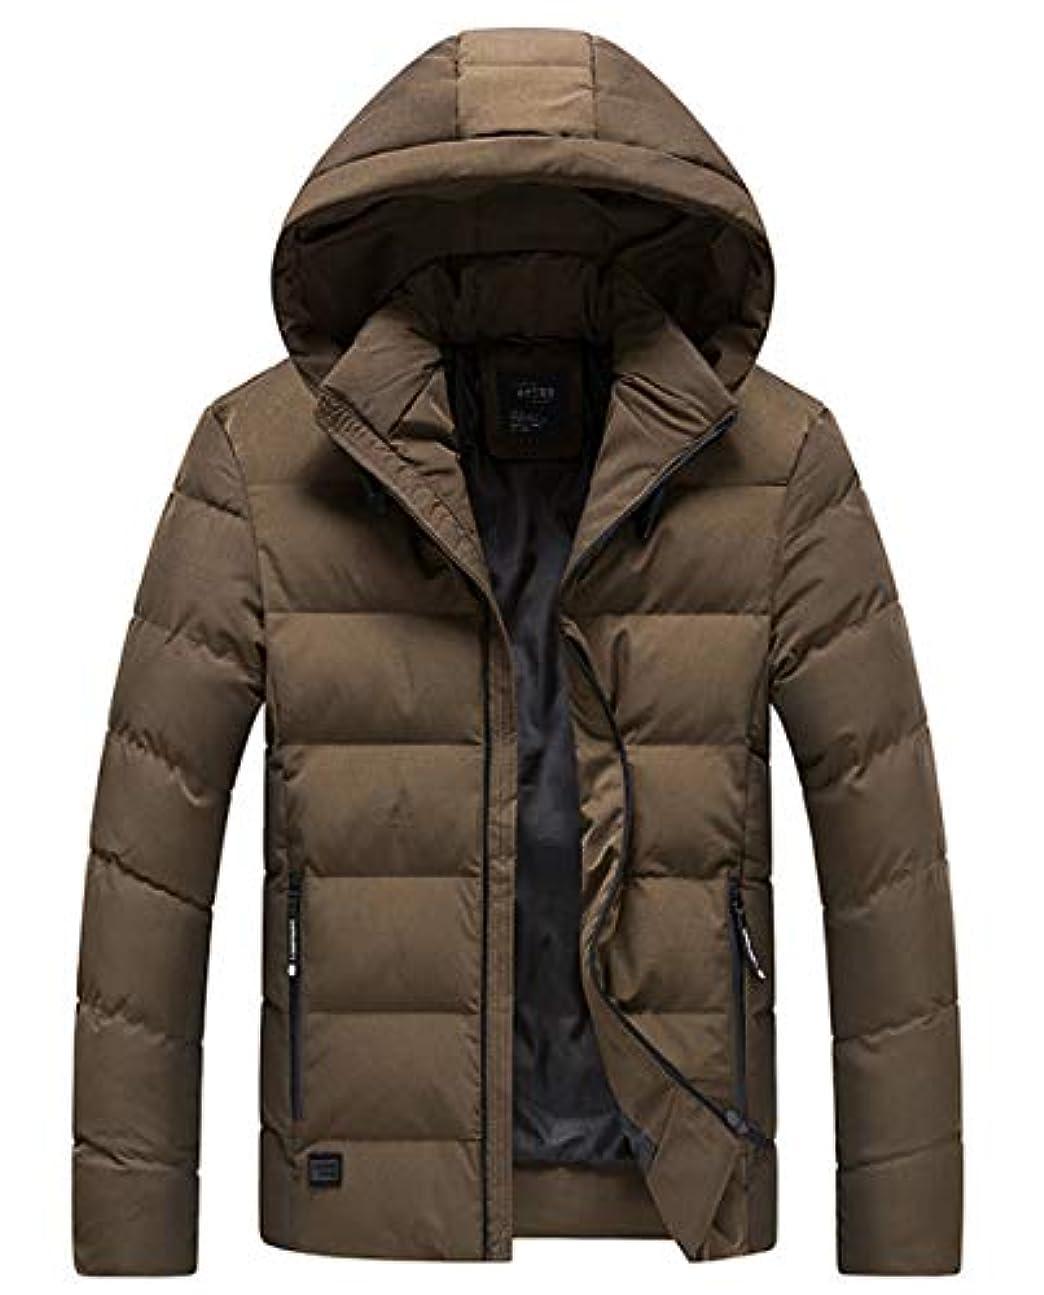 無実メンタリティしかしAPTRO(アプトロ)メンズ ダウンコート ダウンジャケット 中綿ダウン 秋冬コート 分厚い アウターコートフード着脱可 暖かい 撥水 防寒コート